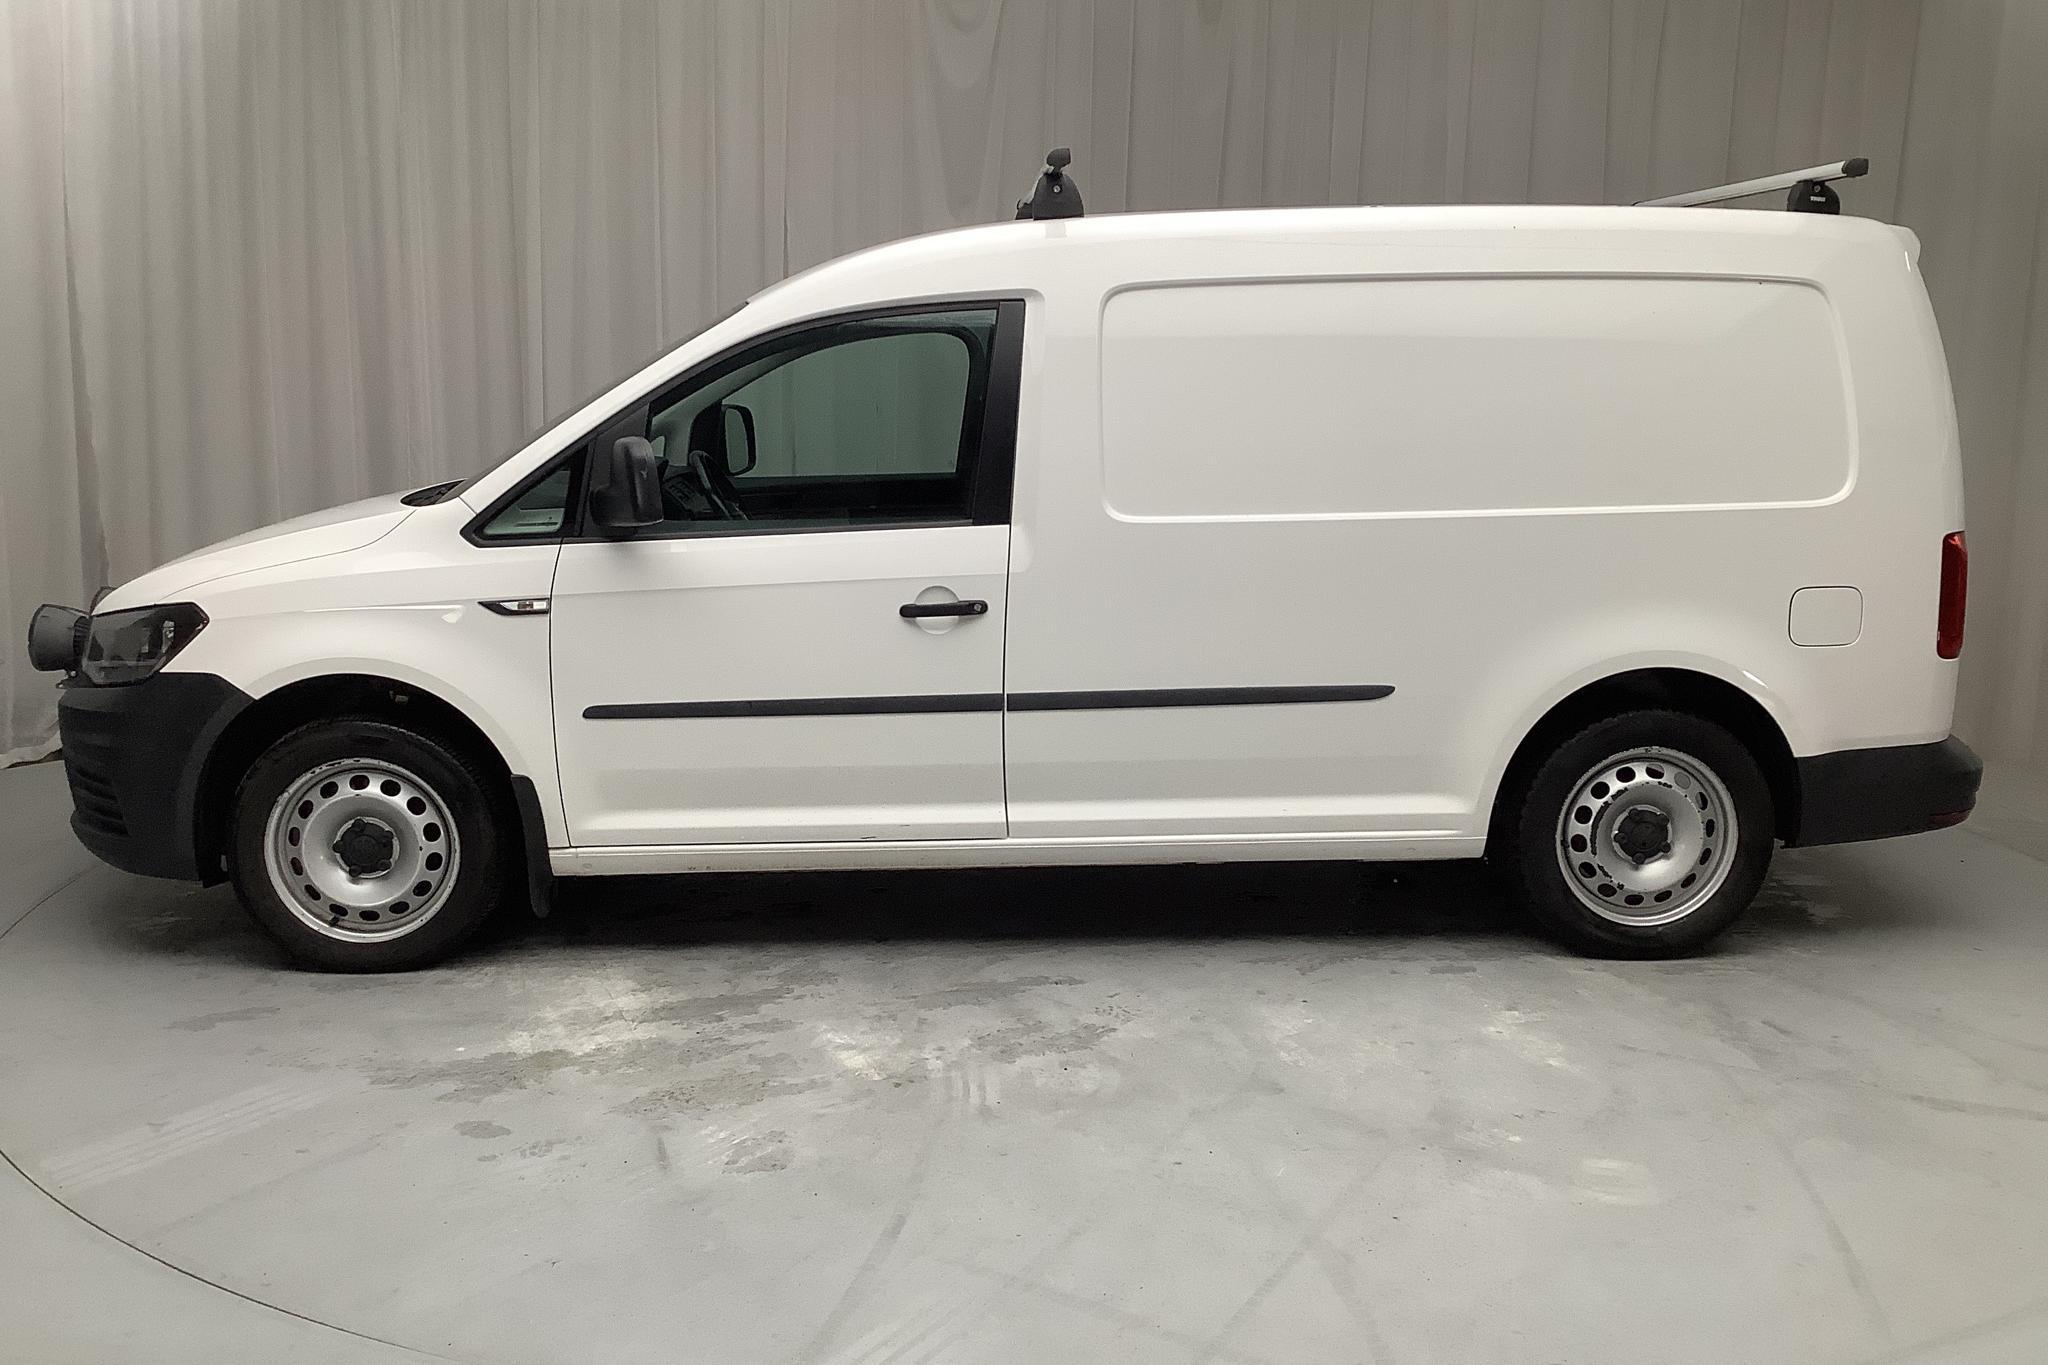 VW Caddy 2.0 TDI Maxi Skåp (150hk) - 128 010 km - Manual - white - 2016